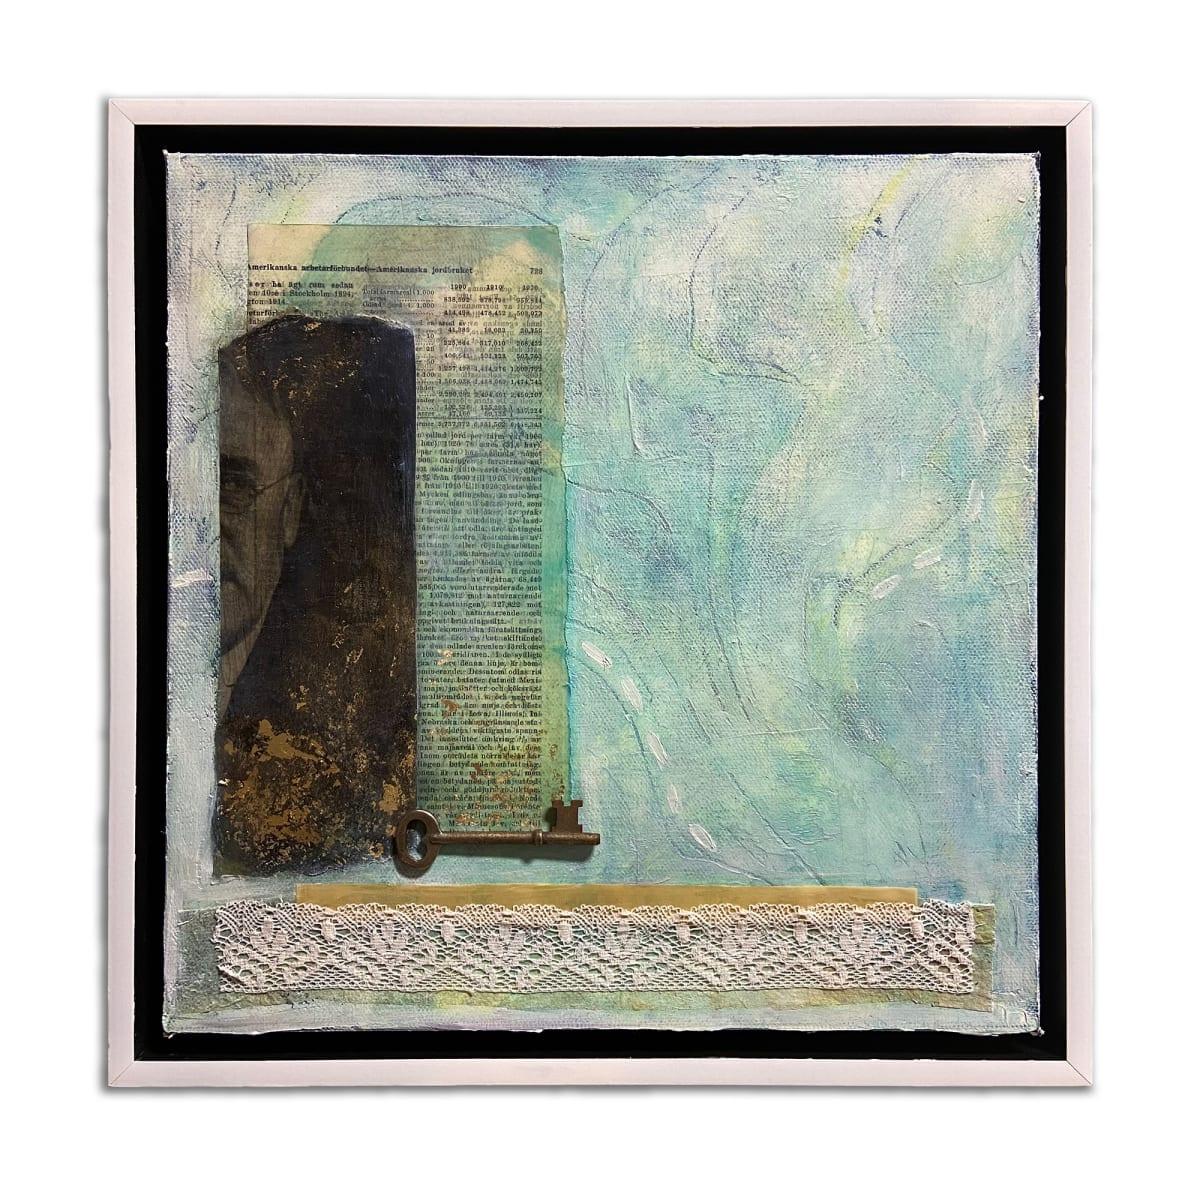 Seeking II by Christie Snelson